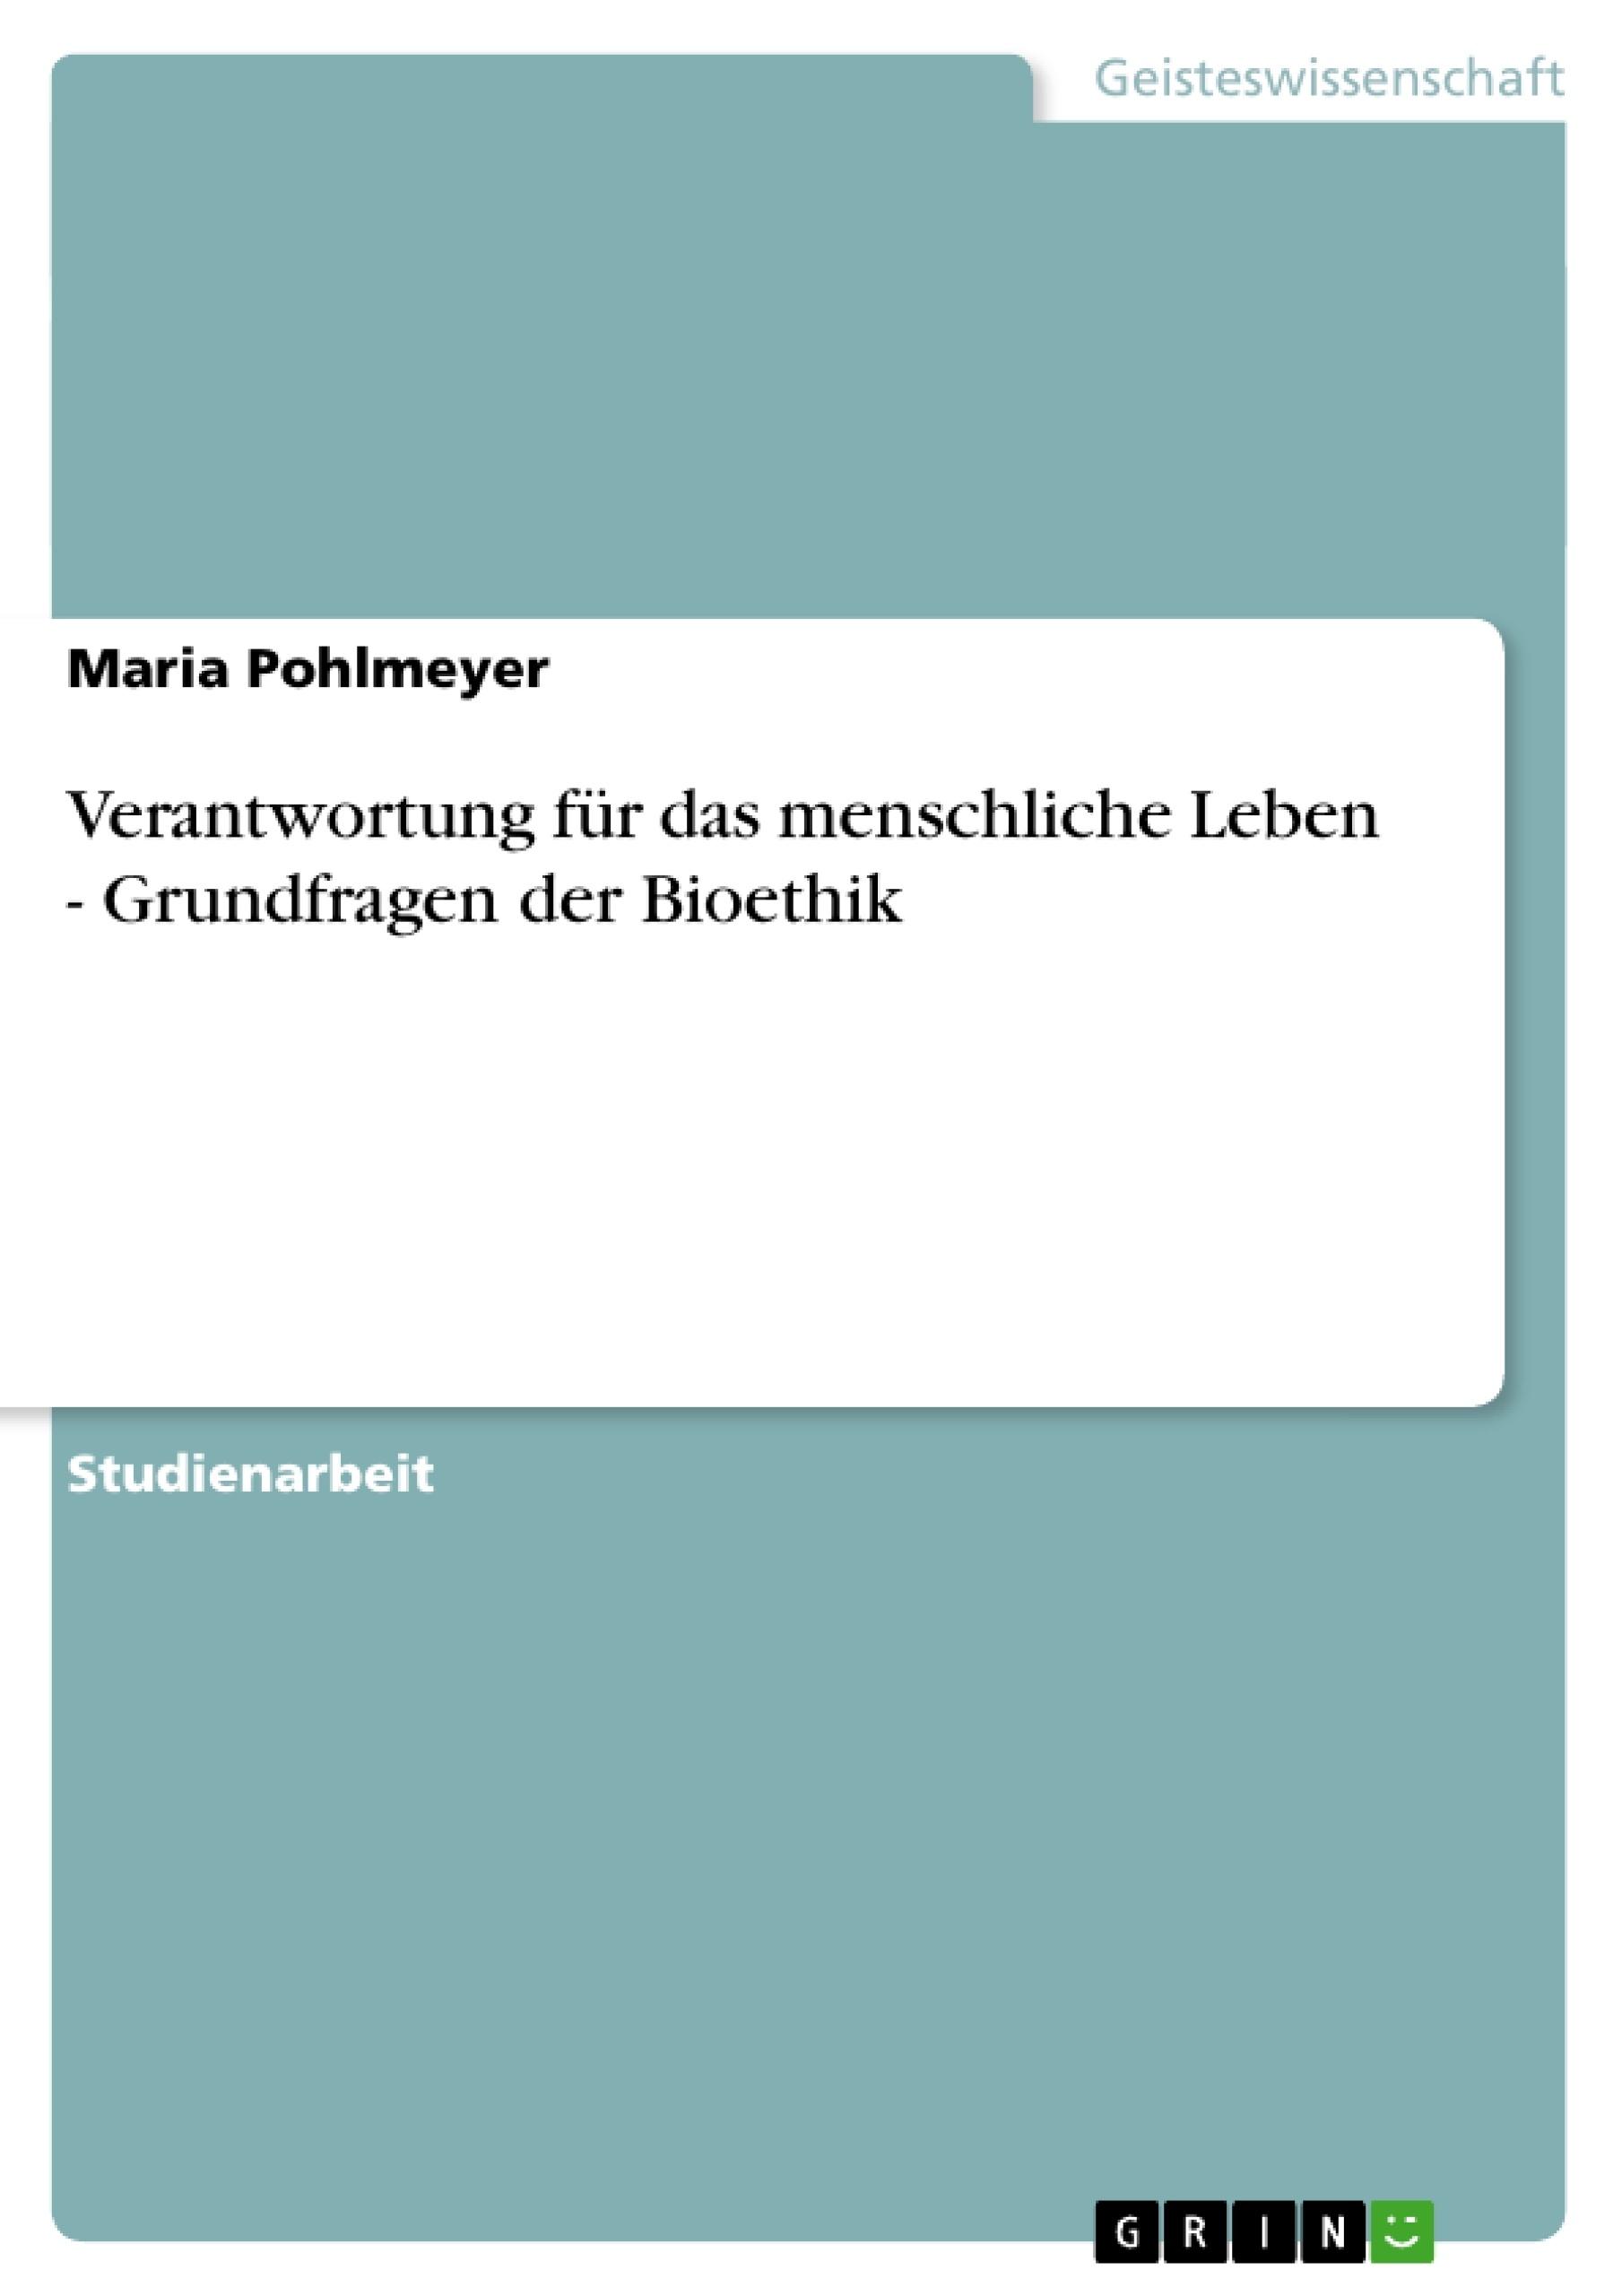 Titel: Verantwortung für das menschliche Leben - Grundfragen der Bioethik